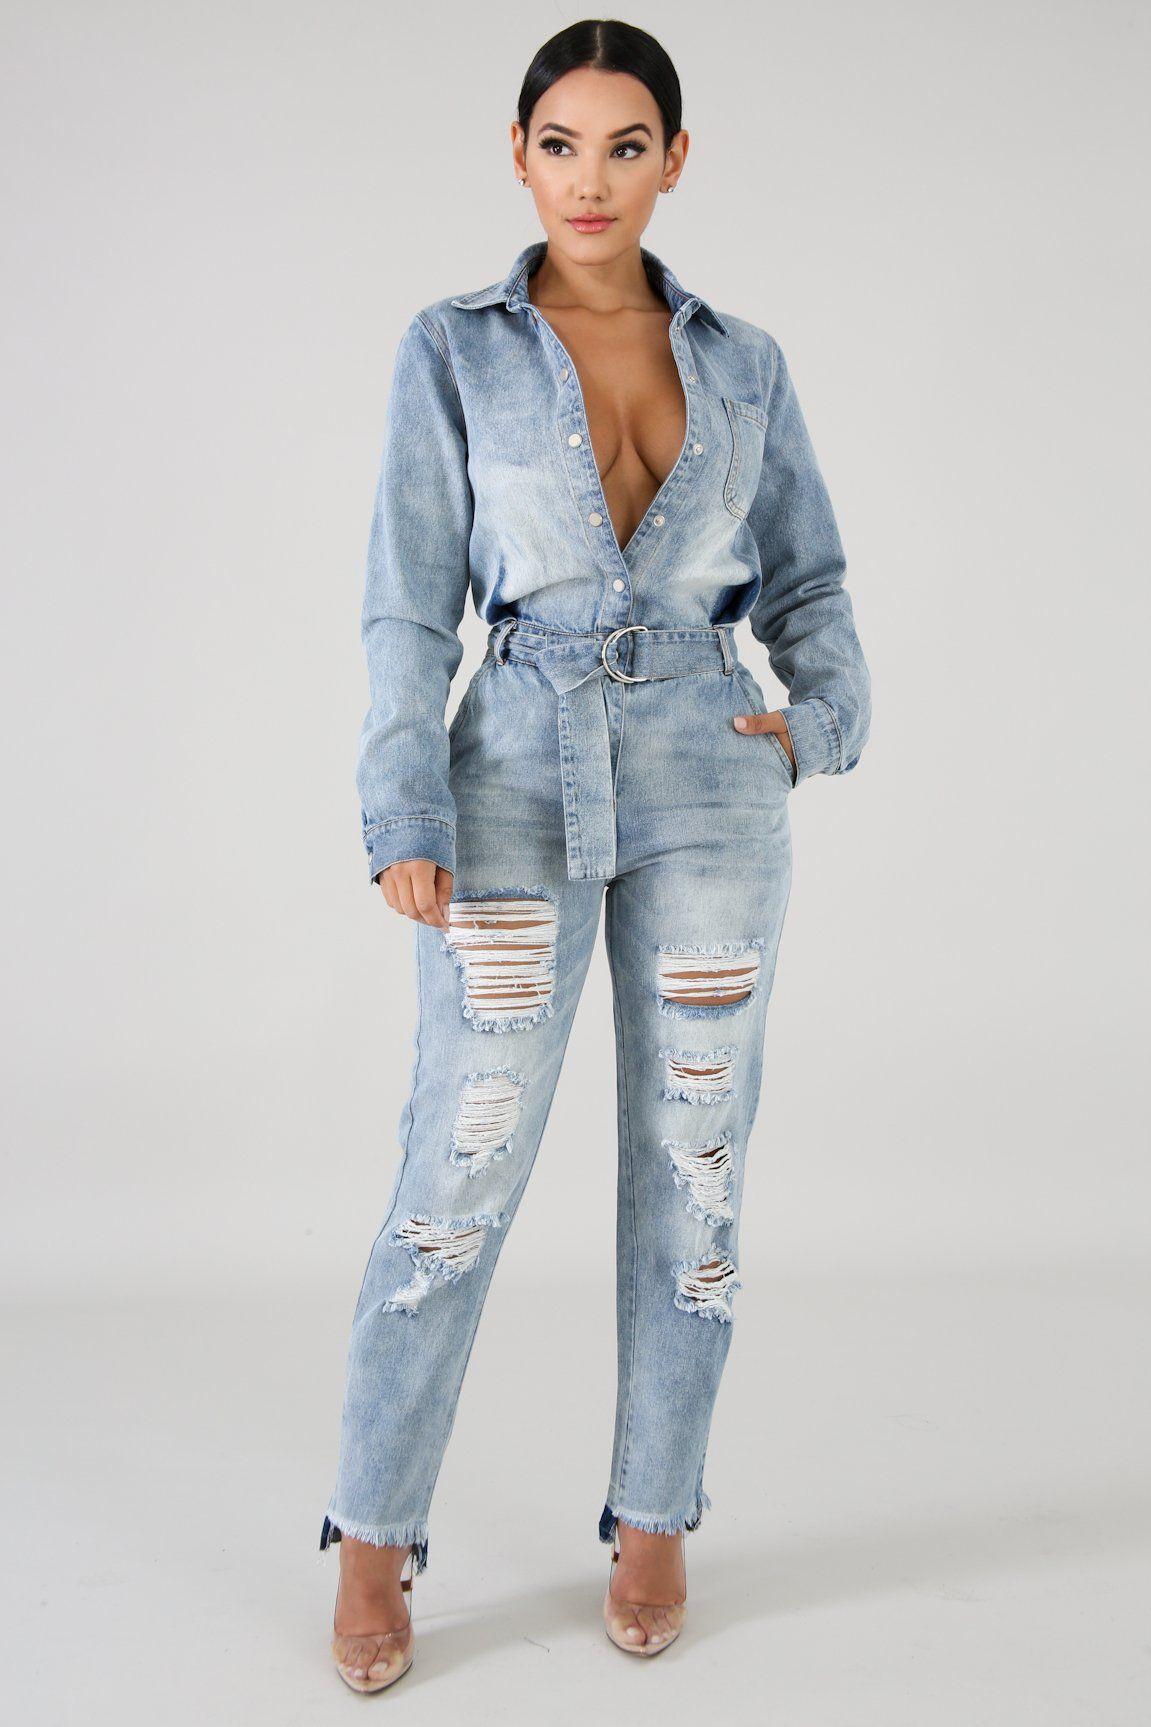 Rustic Denim Jumpsuit Denim Fashion Denim Blouse Outfits Chic Denim Outfits